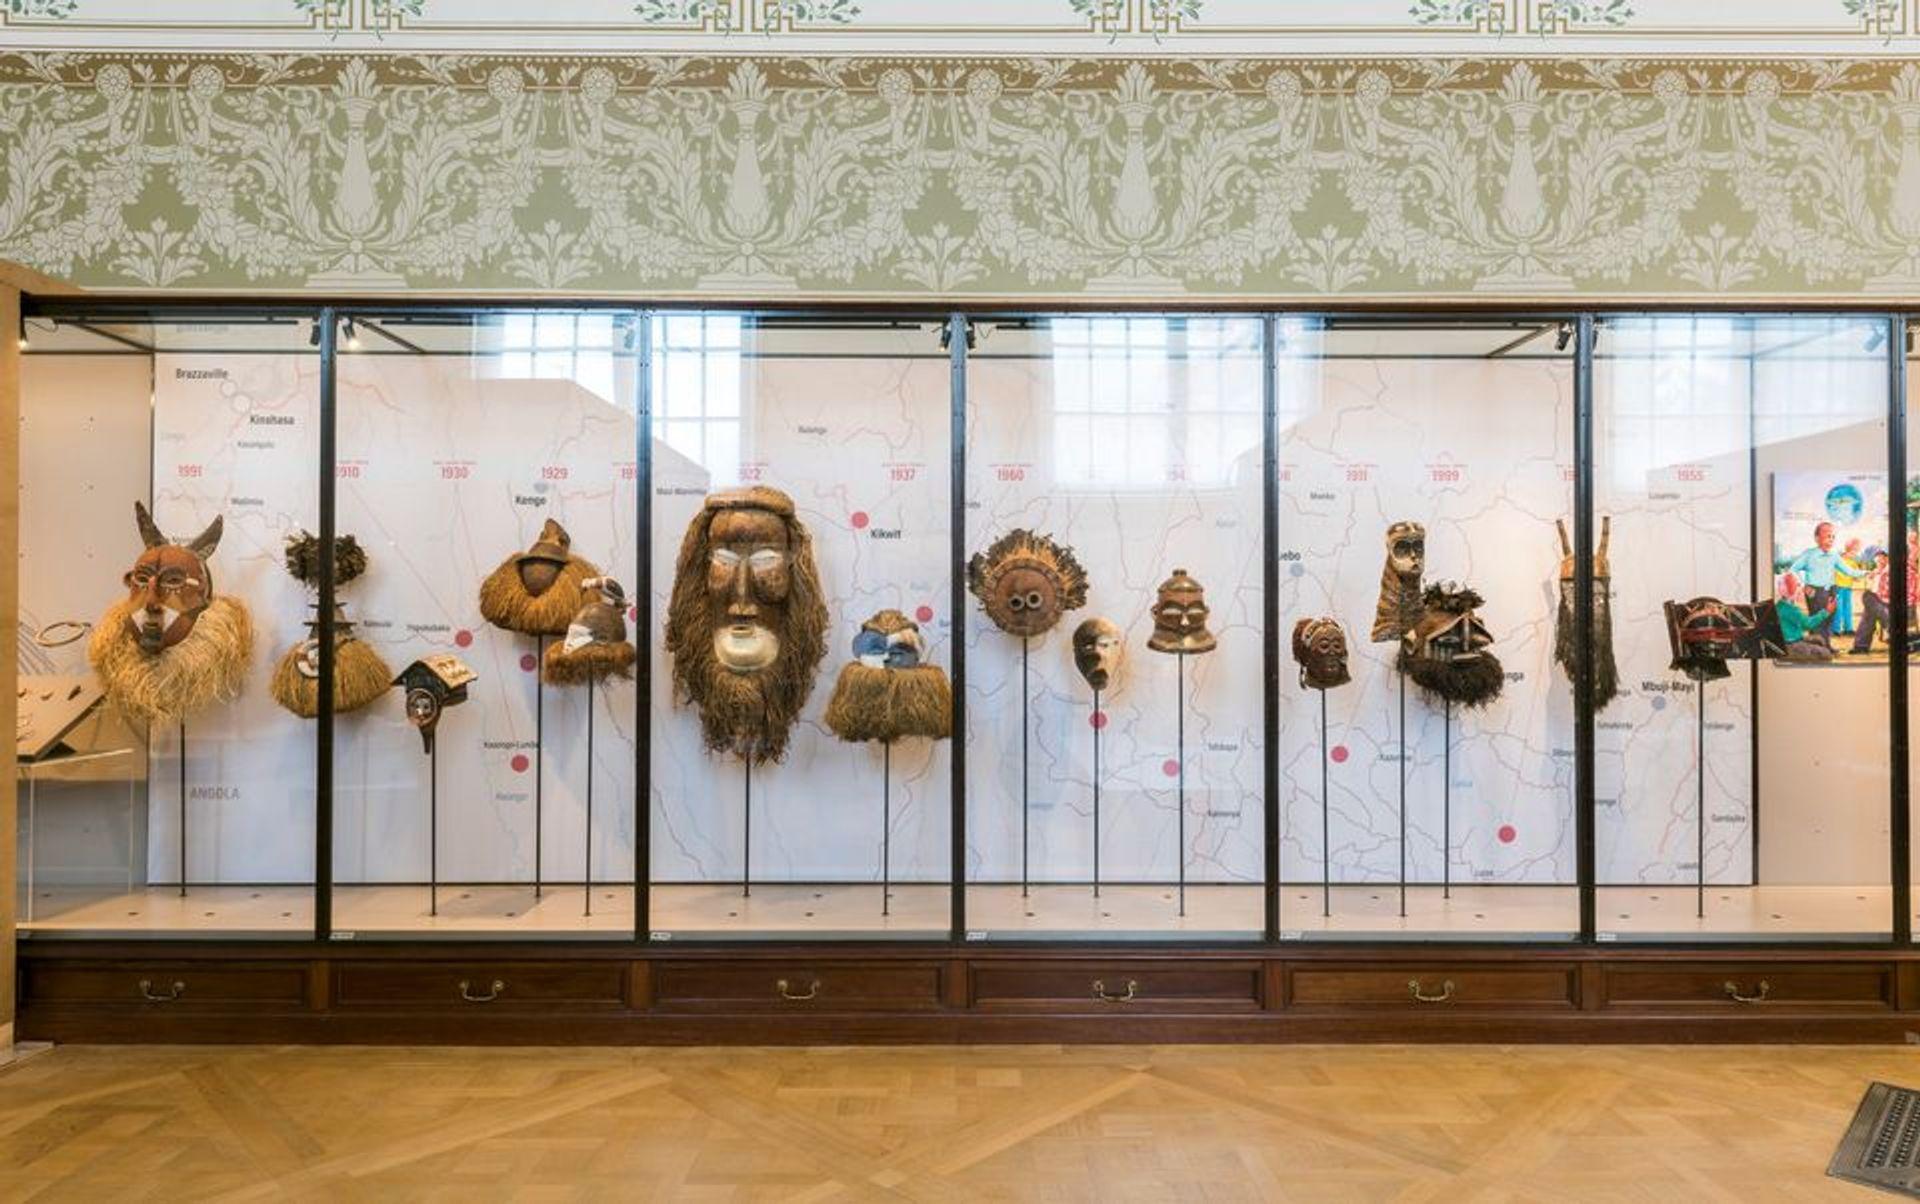 A view of the Rituals and Ceremonies gallery at the Royal Museum of Central Africa in Tervuren, Belgium © RMCA, Tervuren, photo Jo Van de Vijver